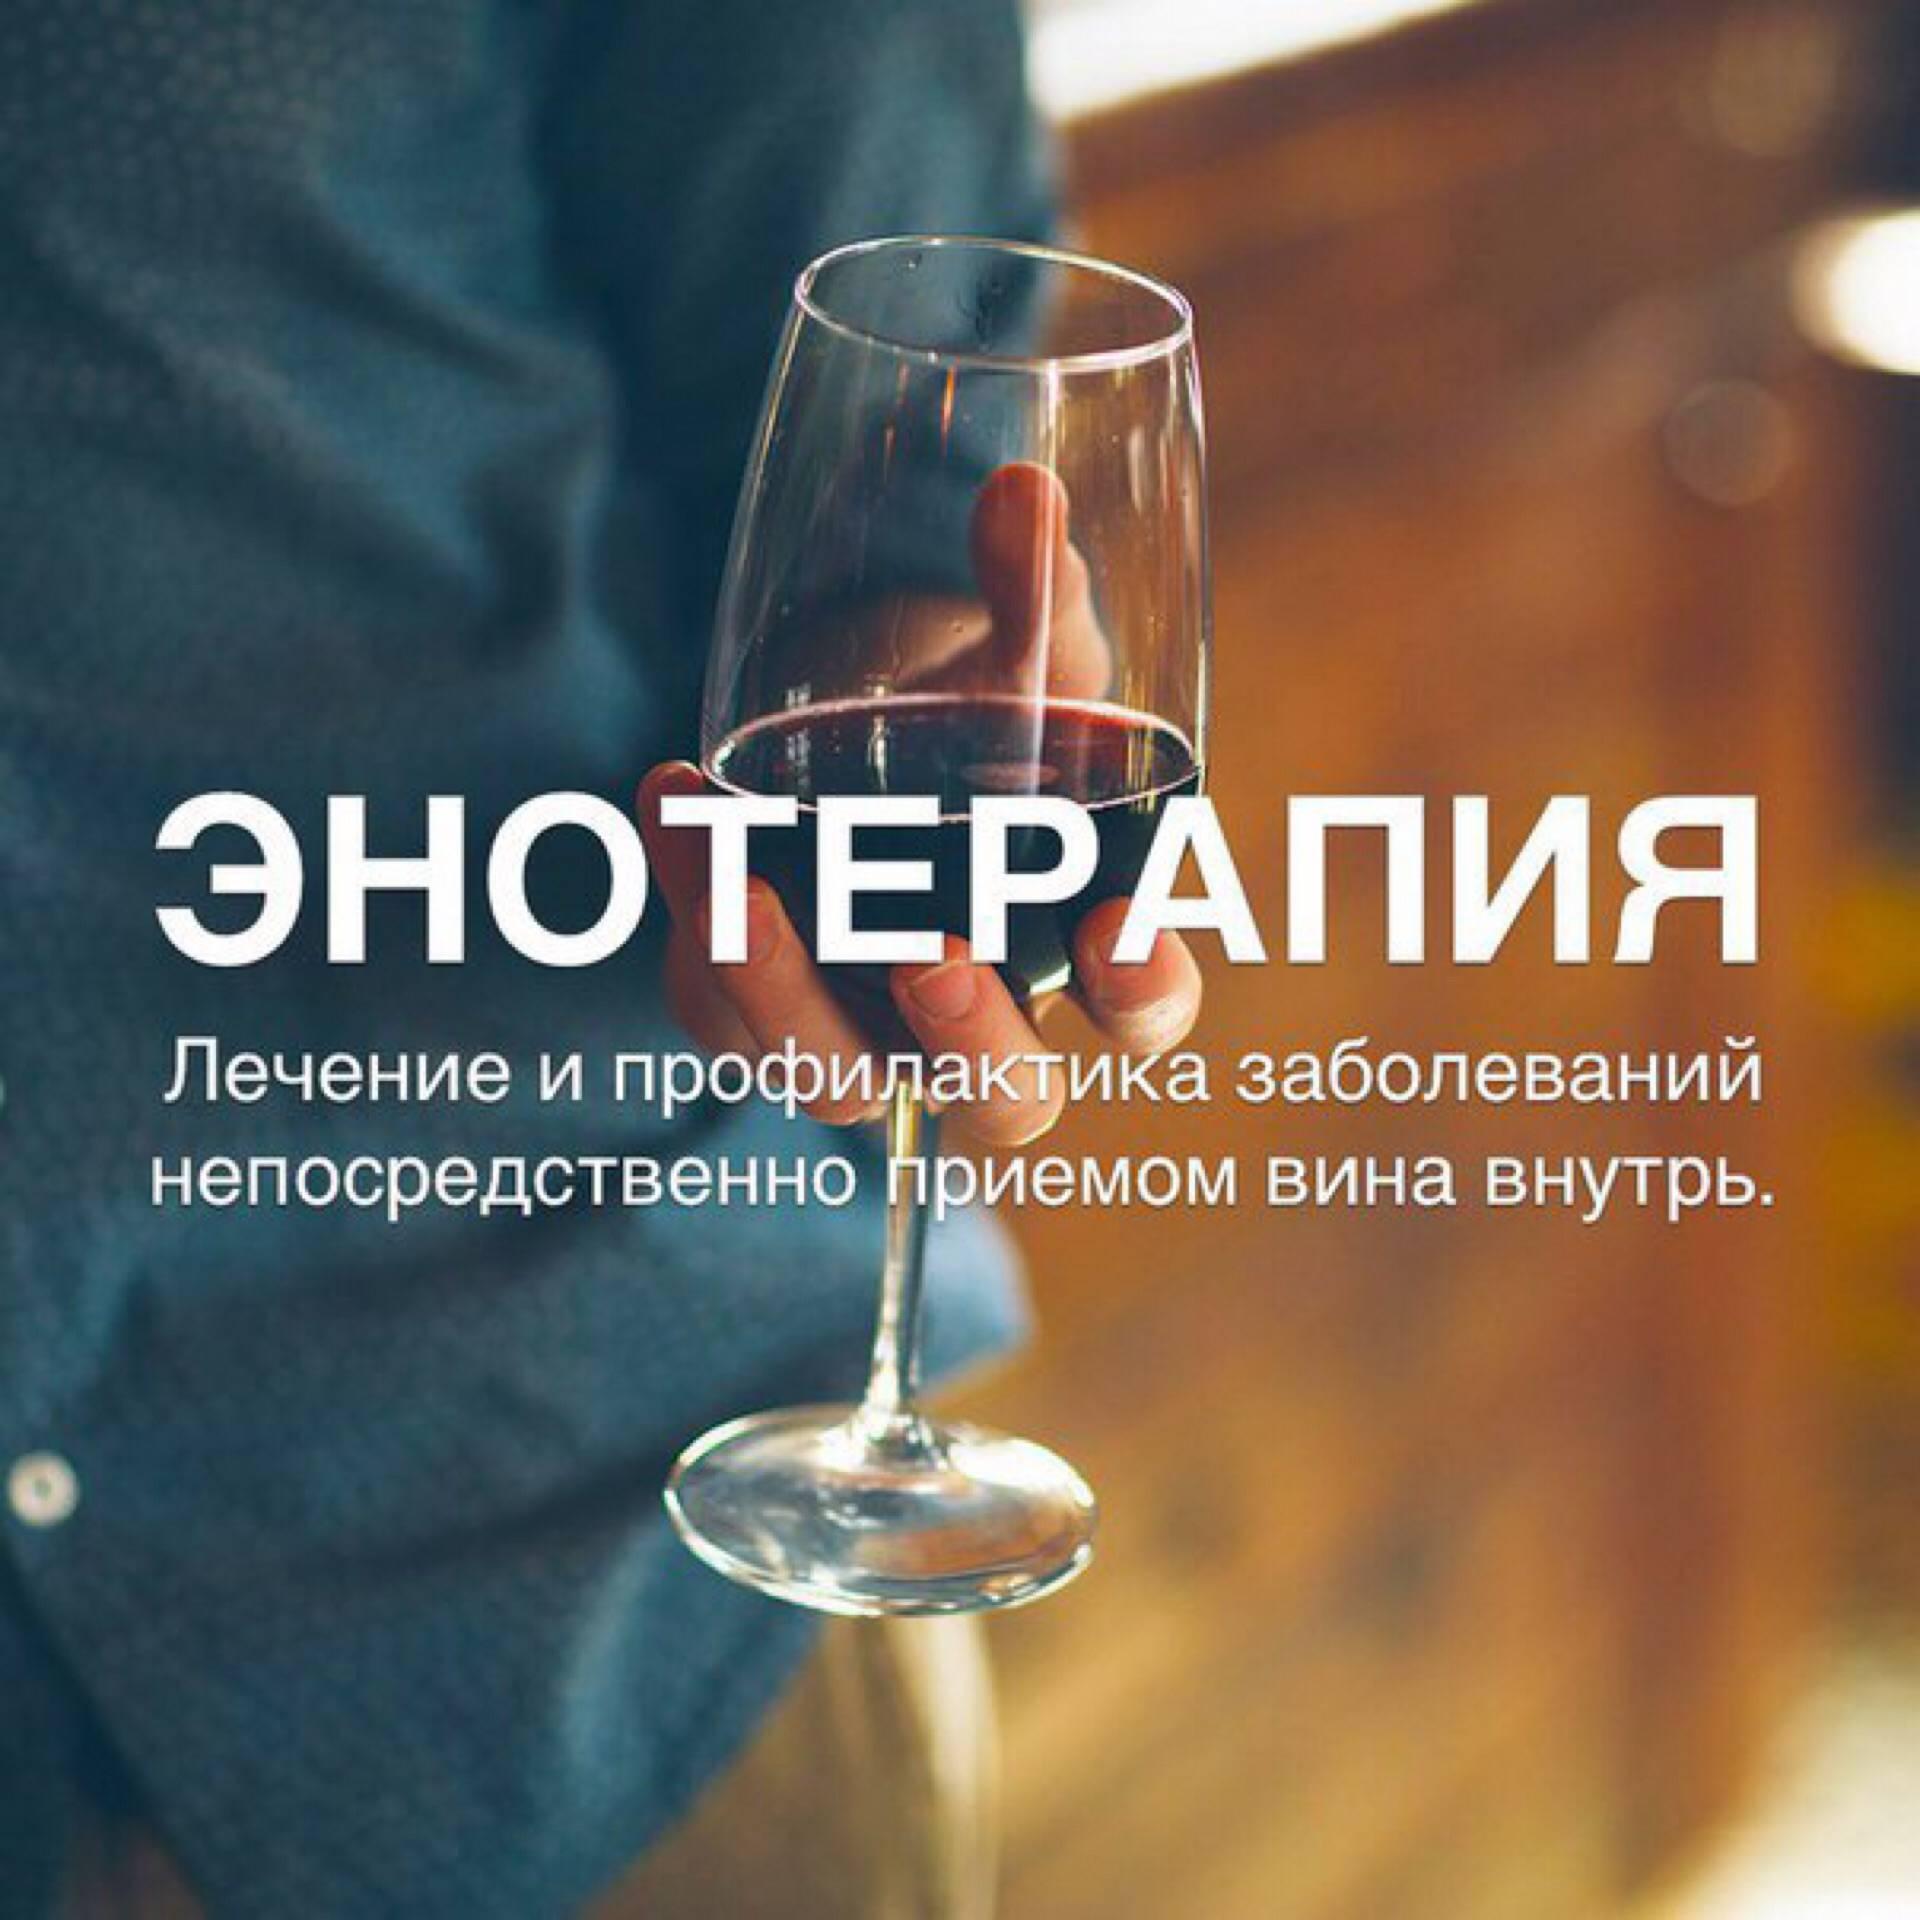 Лечение болезней вином (энотерапия)